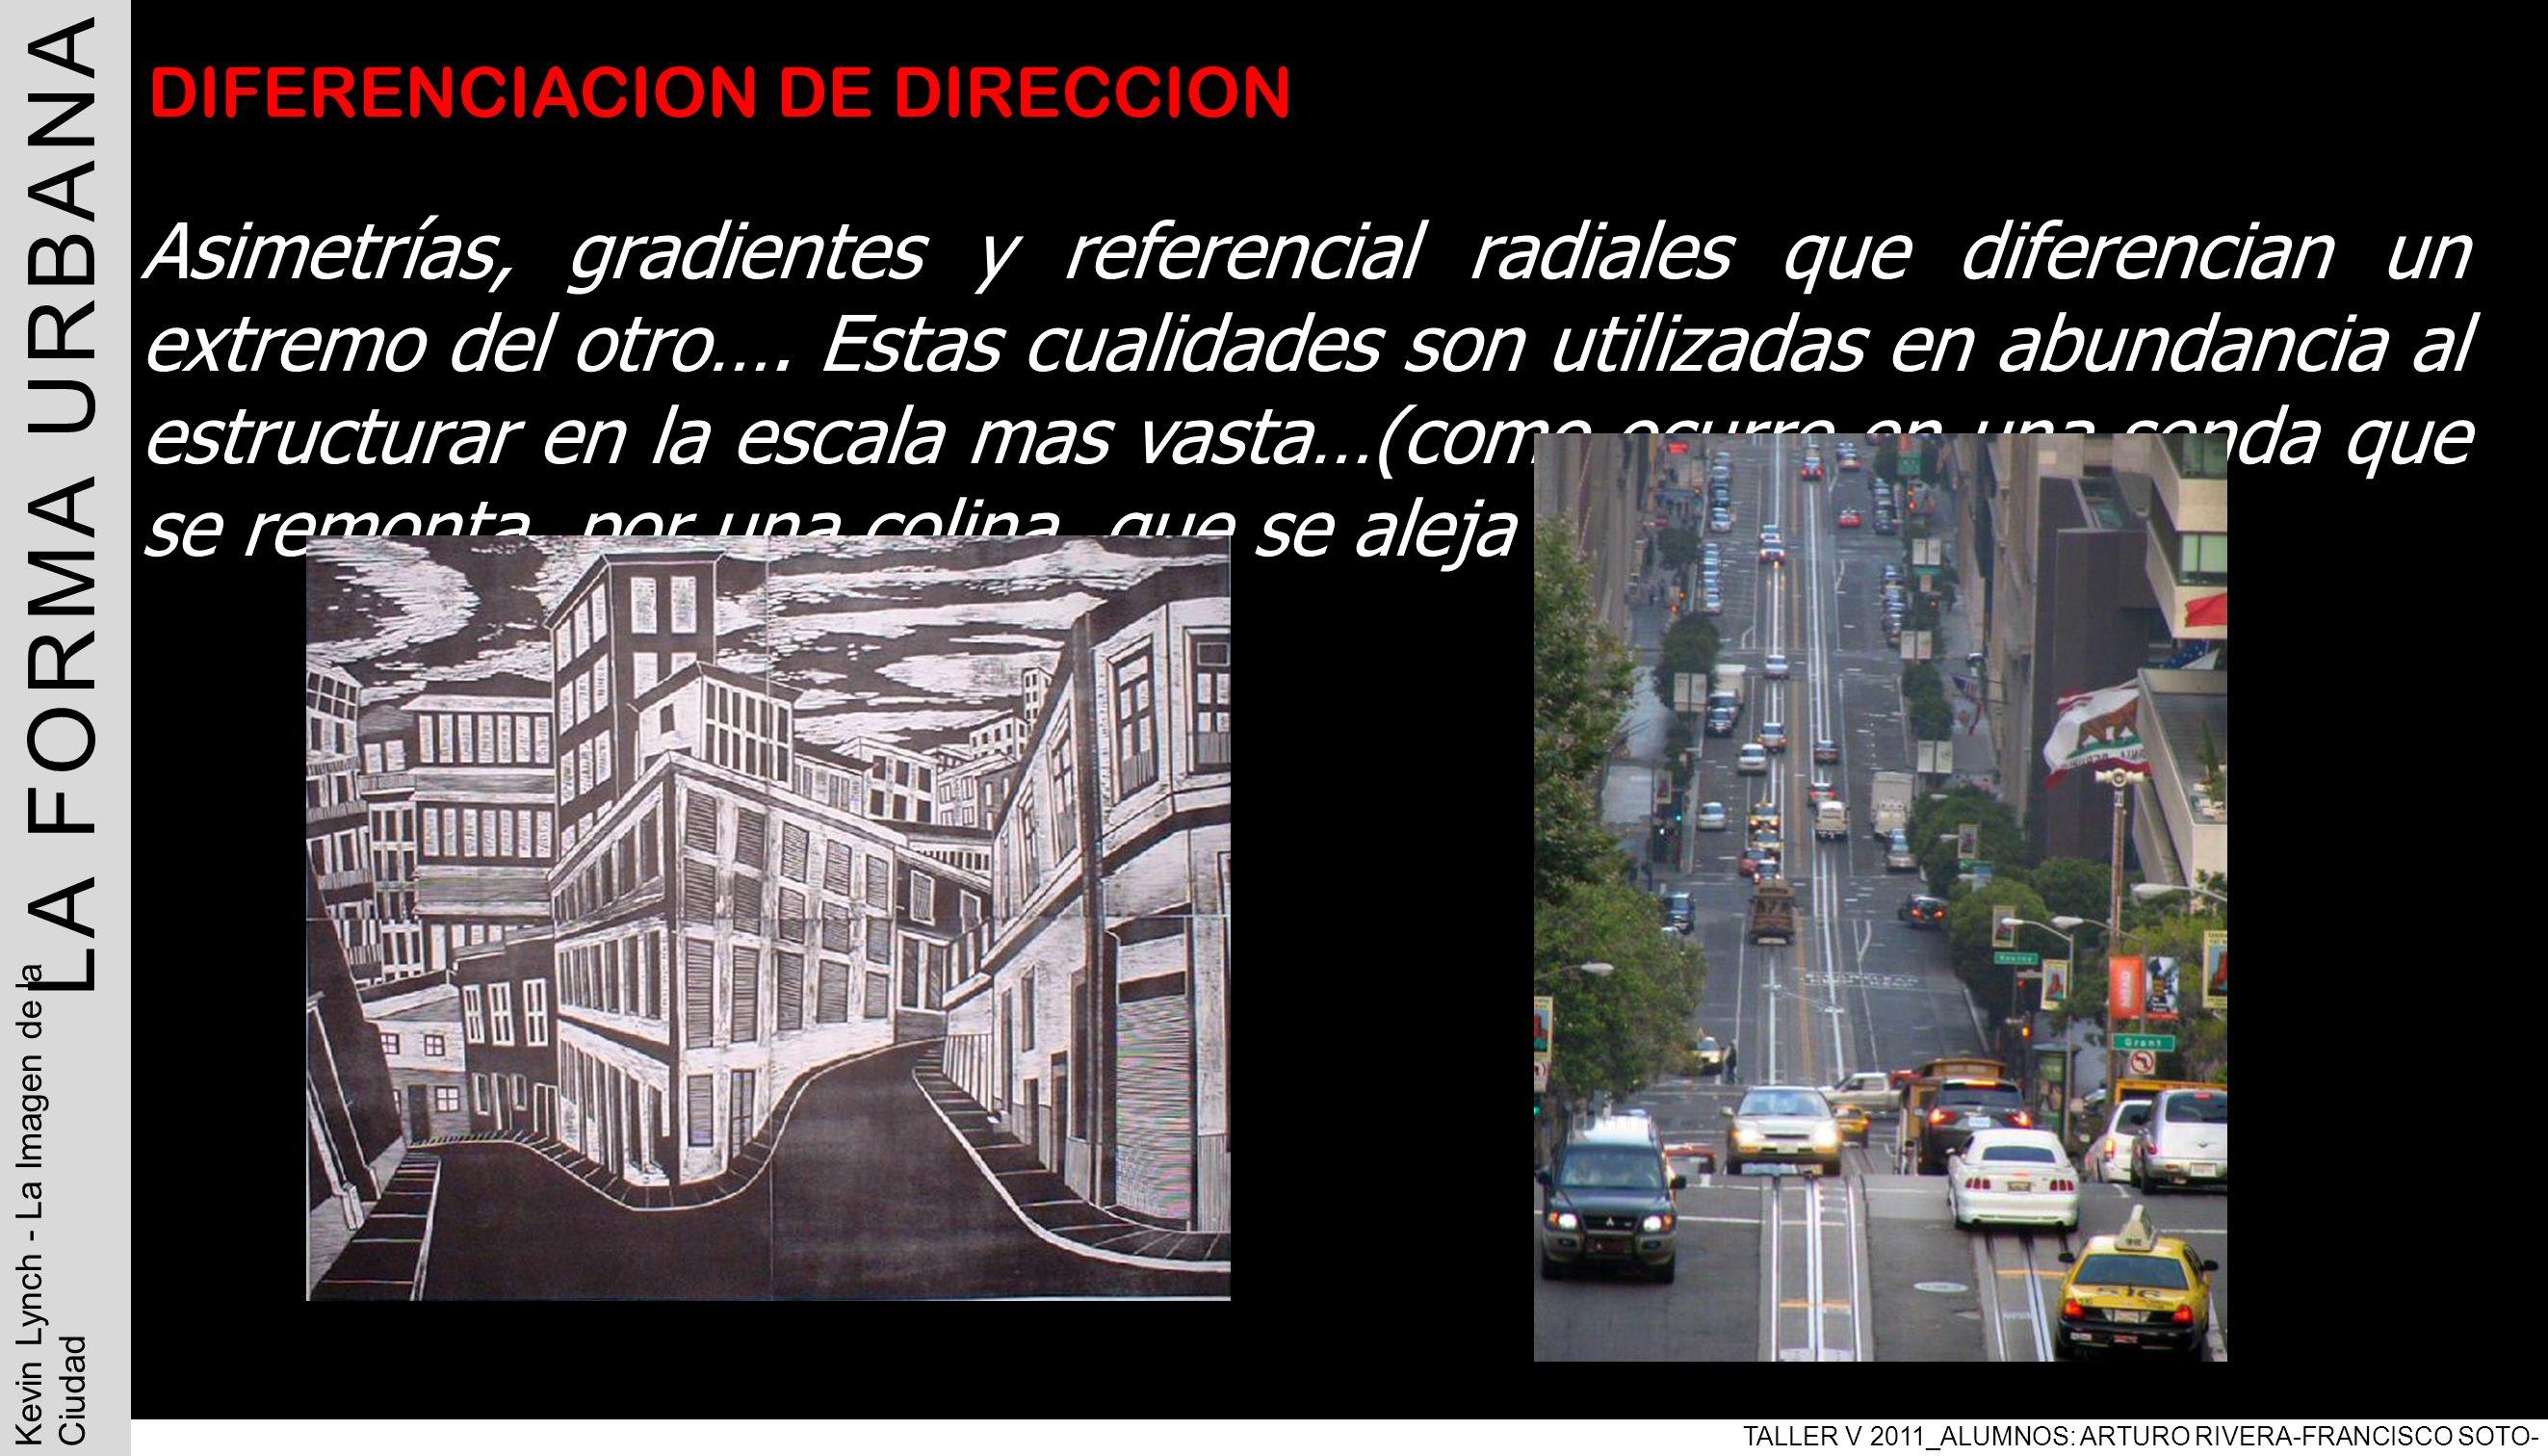 LA FORMA URBANA TALLER V 2011_ALUMNOS: ARTURO RIVERA-FRANCISCO SOTO- PABLO ARAVENA Kevin Lynch - La Imagen de la Ciudad DIFERENCIACION DE DIRECCION As